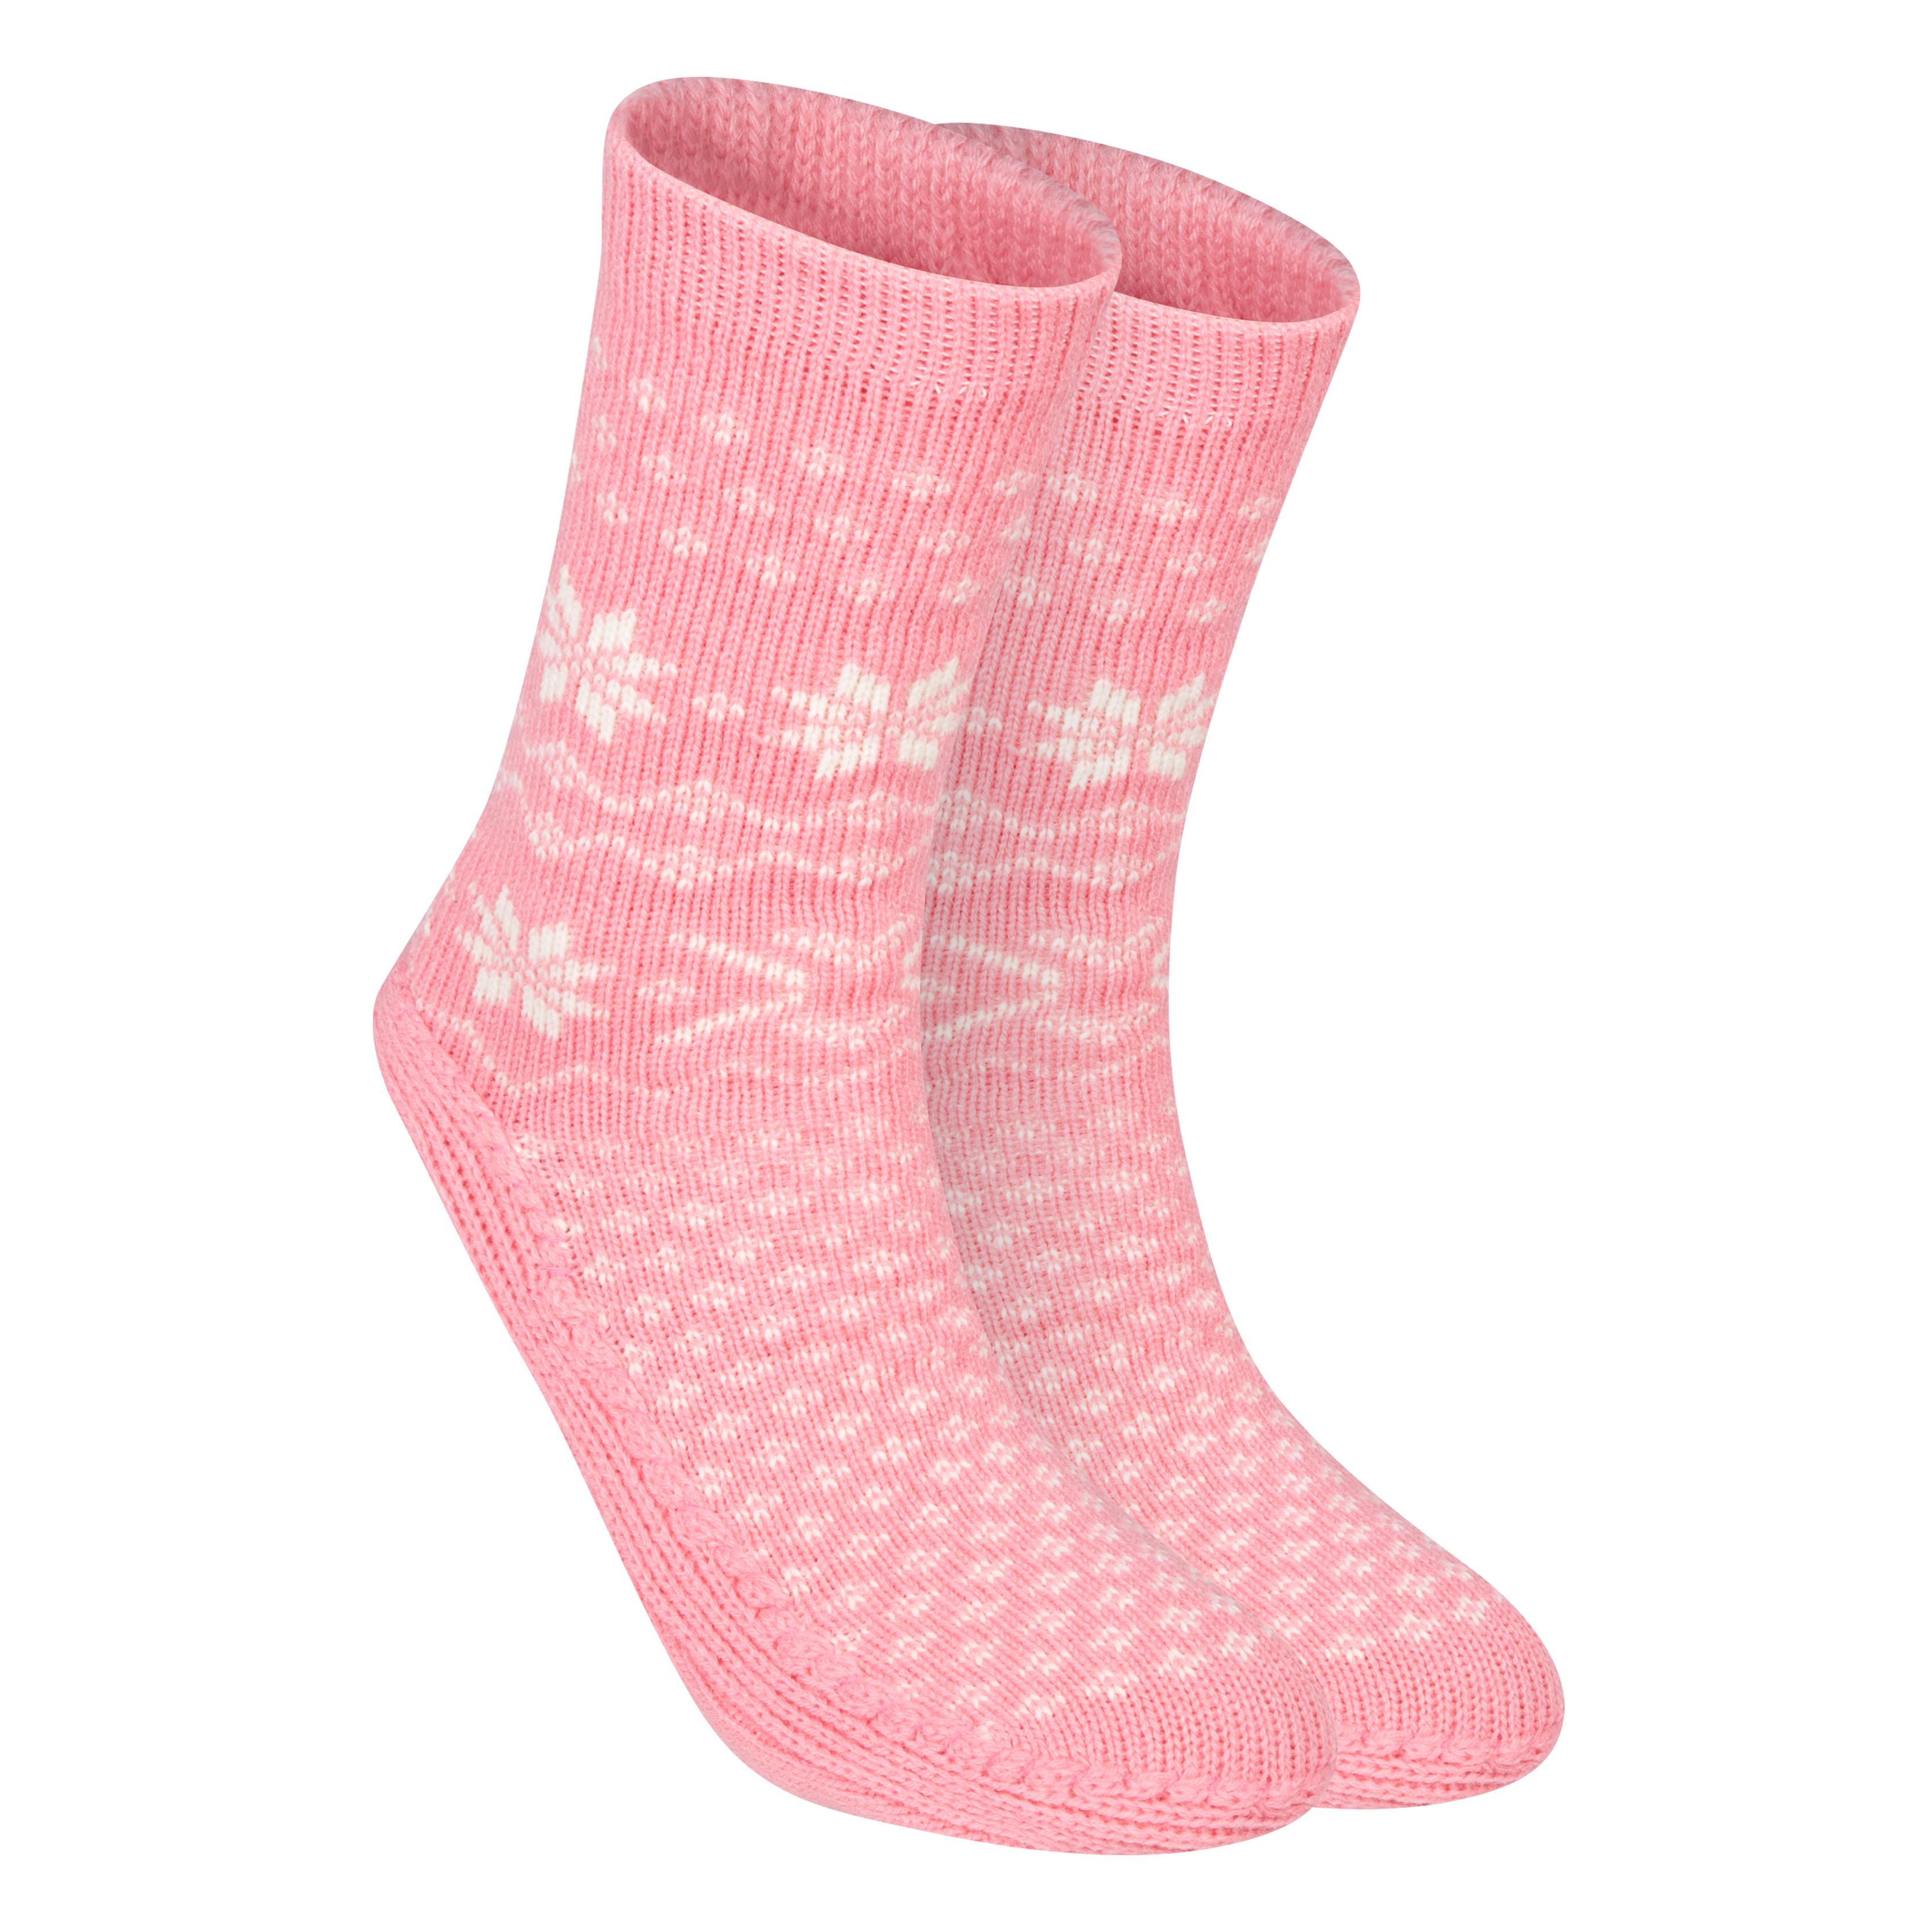 Manchester City Slipper Socks - Womens Pink